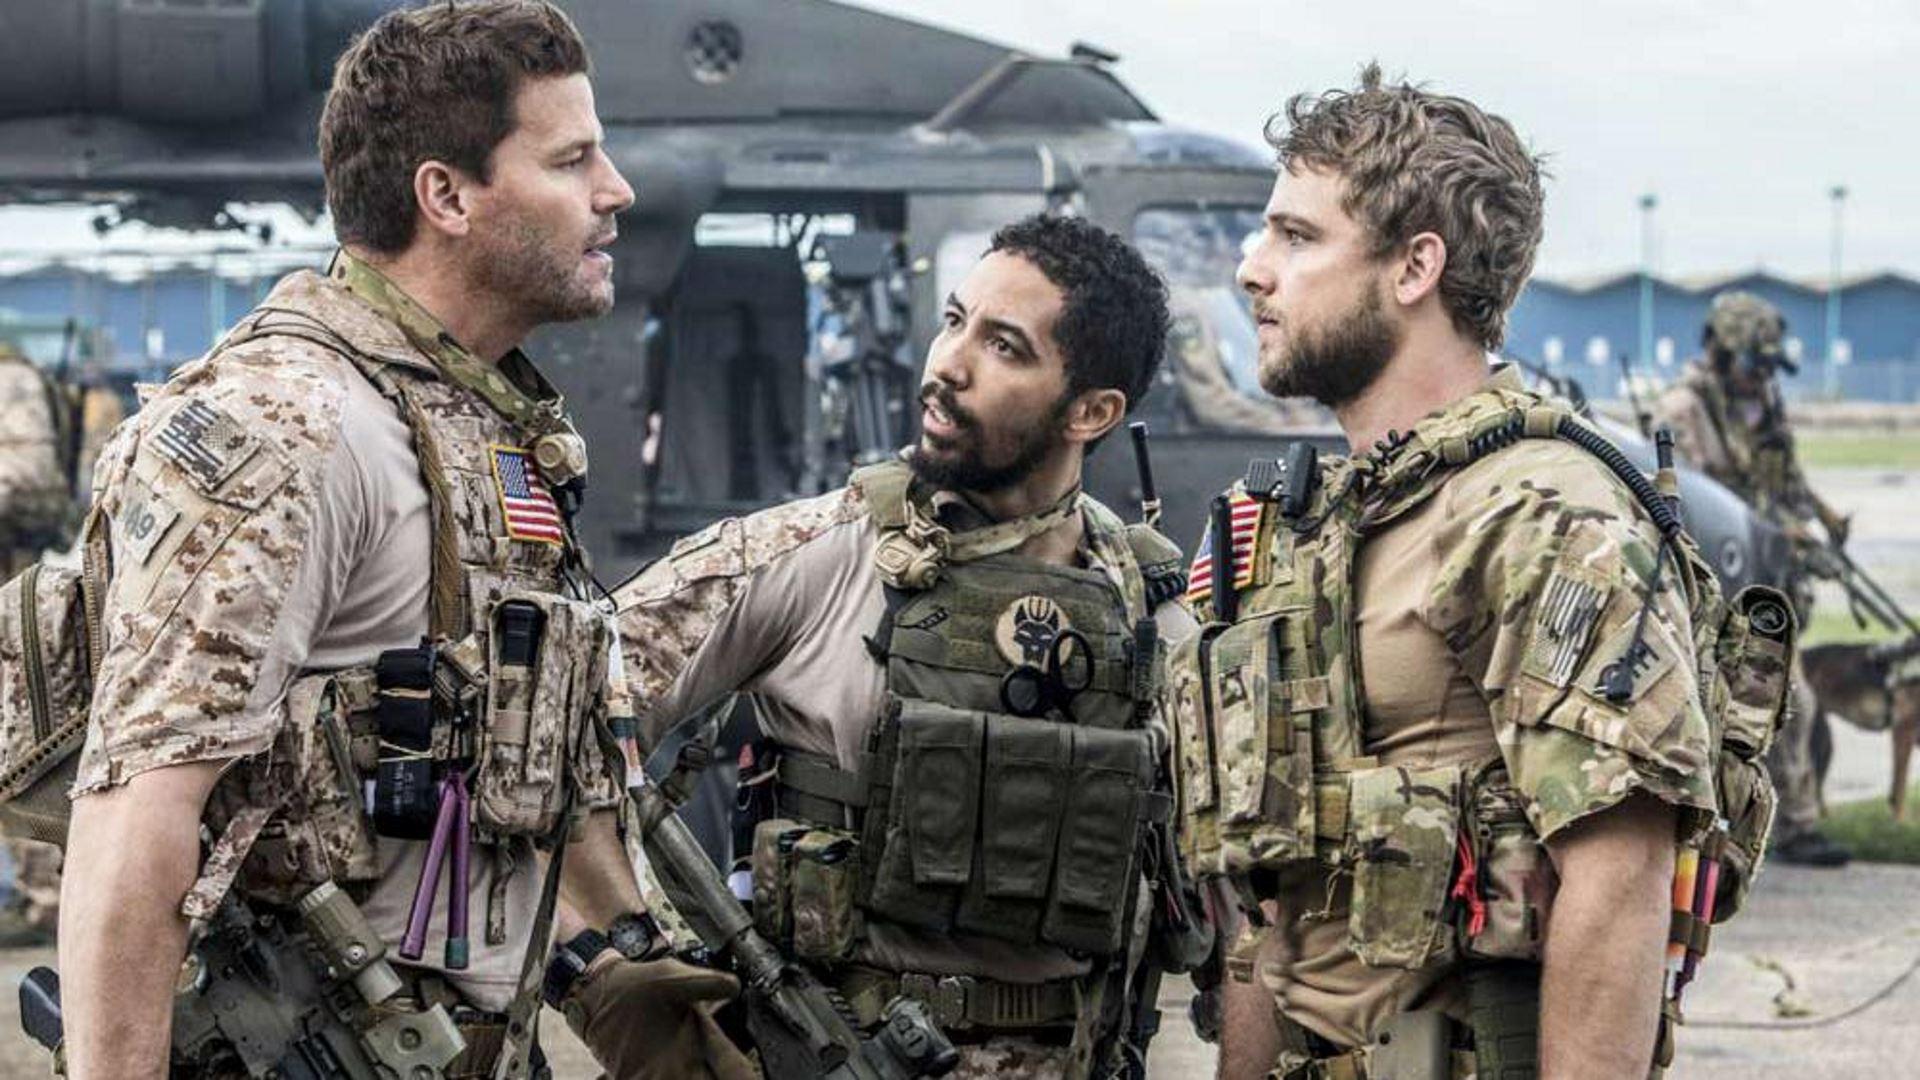 SEAL Team - Season 2 - Watch Online Movies & TV Episodes on